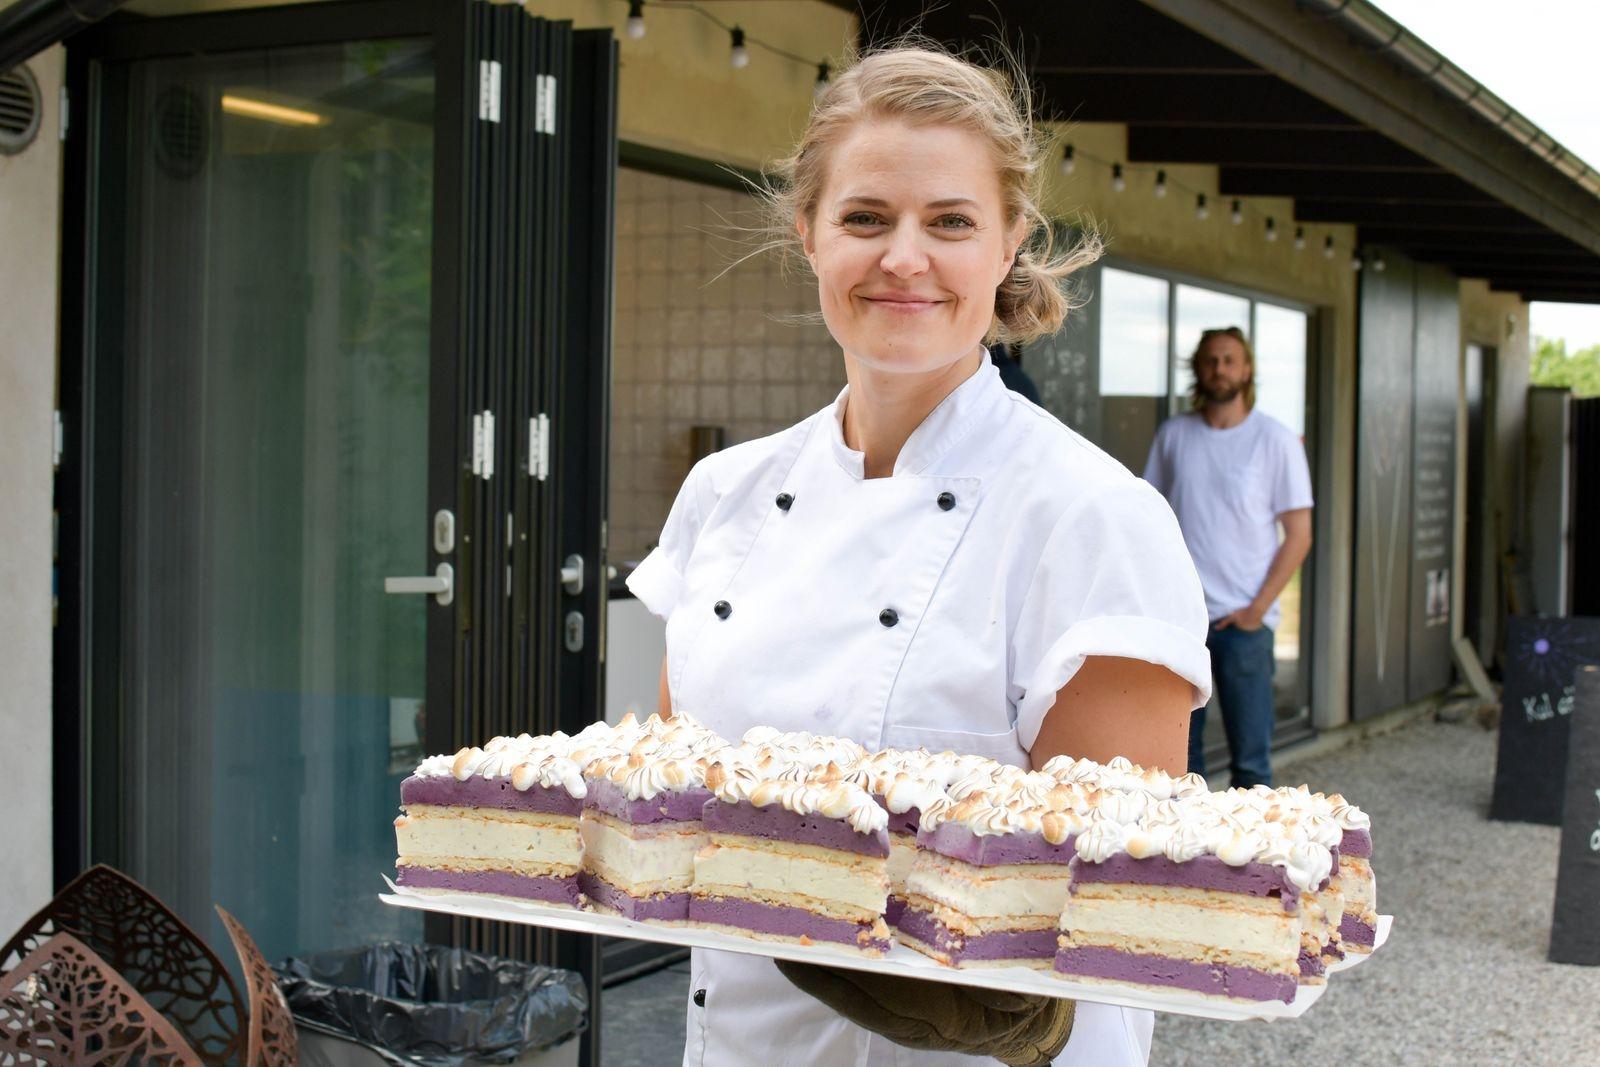 Under vinterhalvåret har Karolina Esbjörnsson, tillsammans med Elin Falkman och Astrid Ljungquist arbetat med att ta fram vackra och välsmakande glassdesserter.